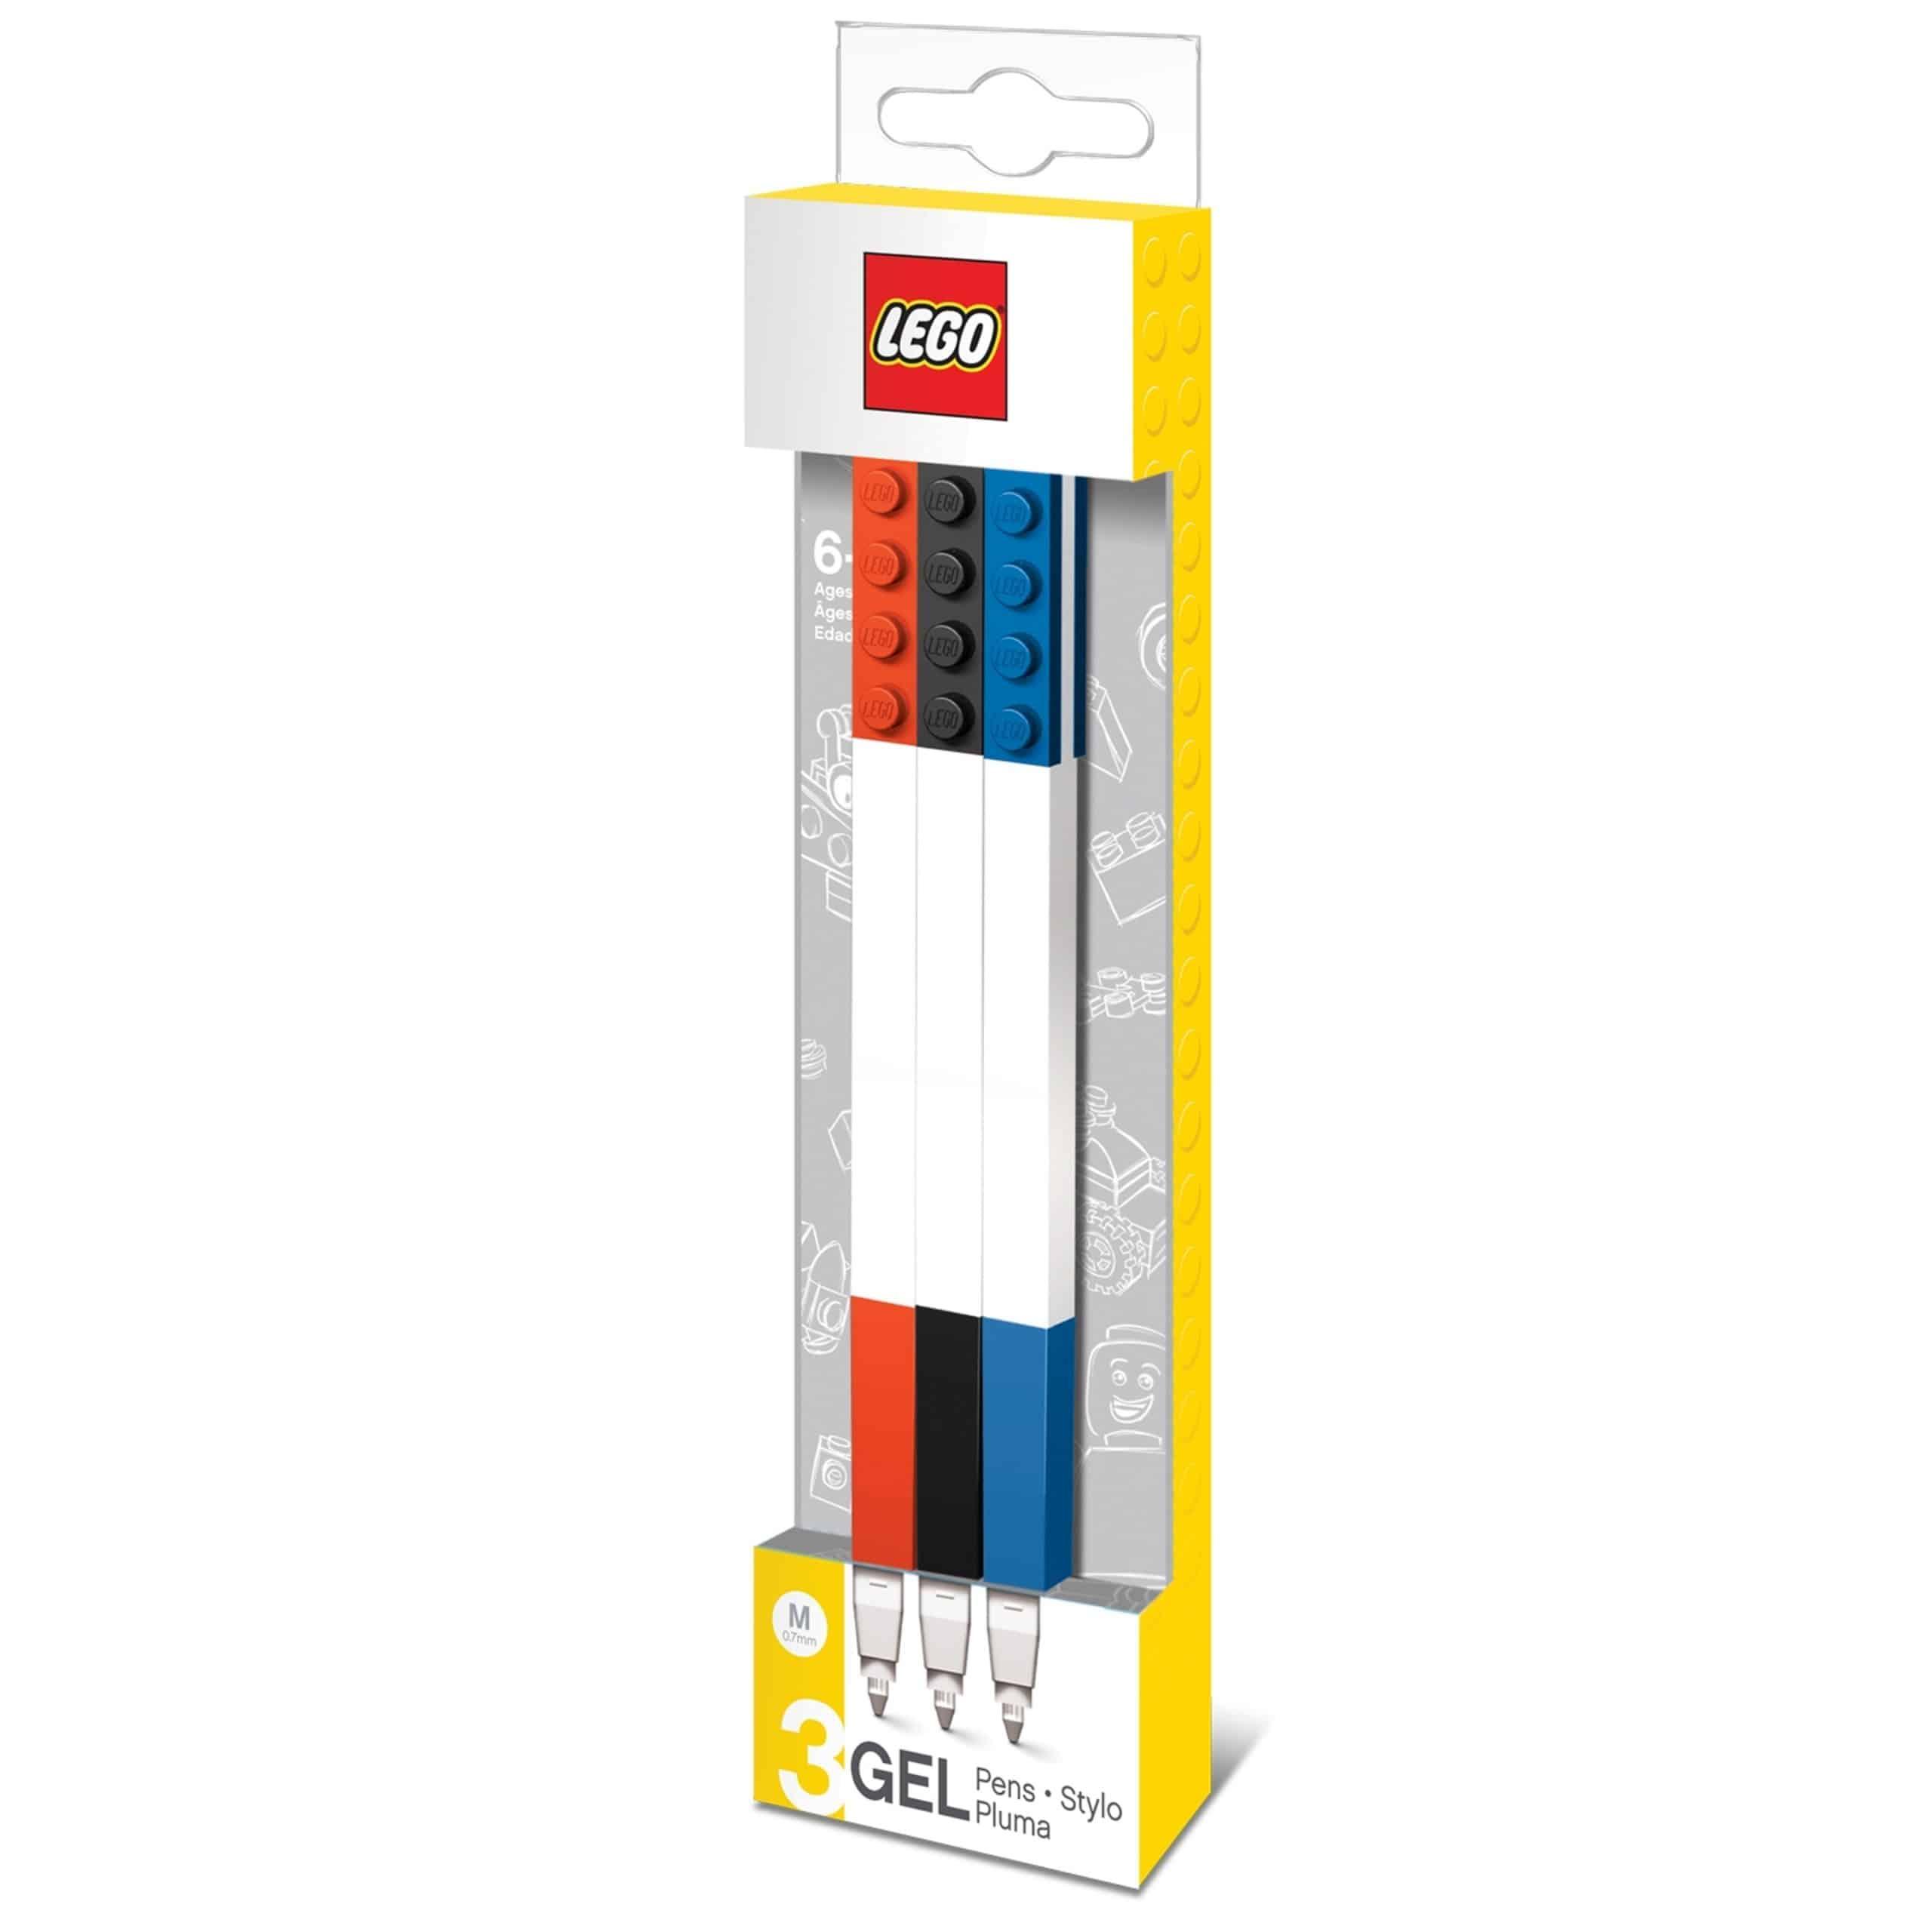 saet med tre lego 5005109 kuglepenne scaled